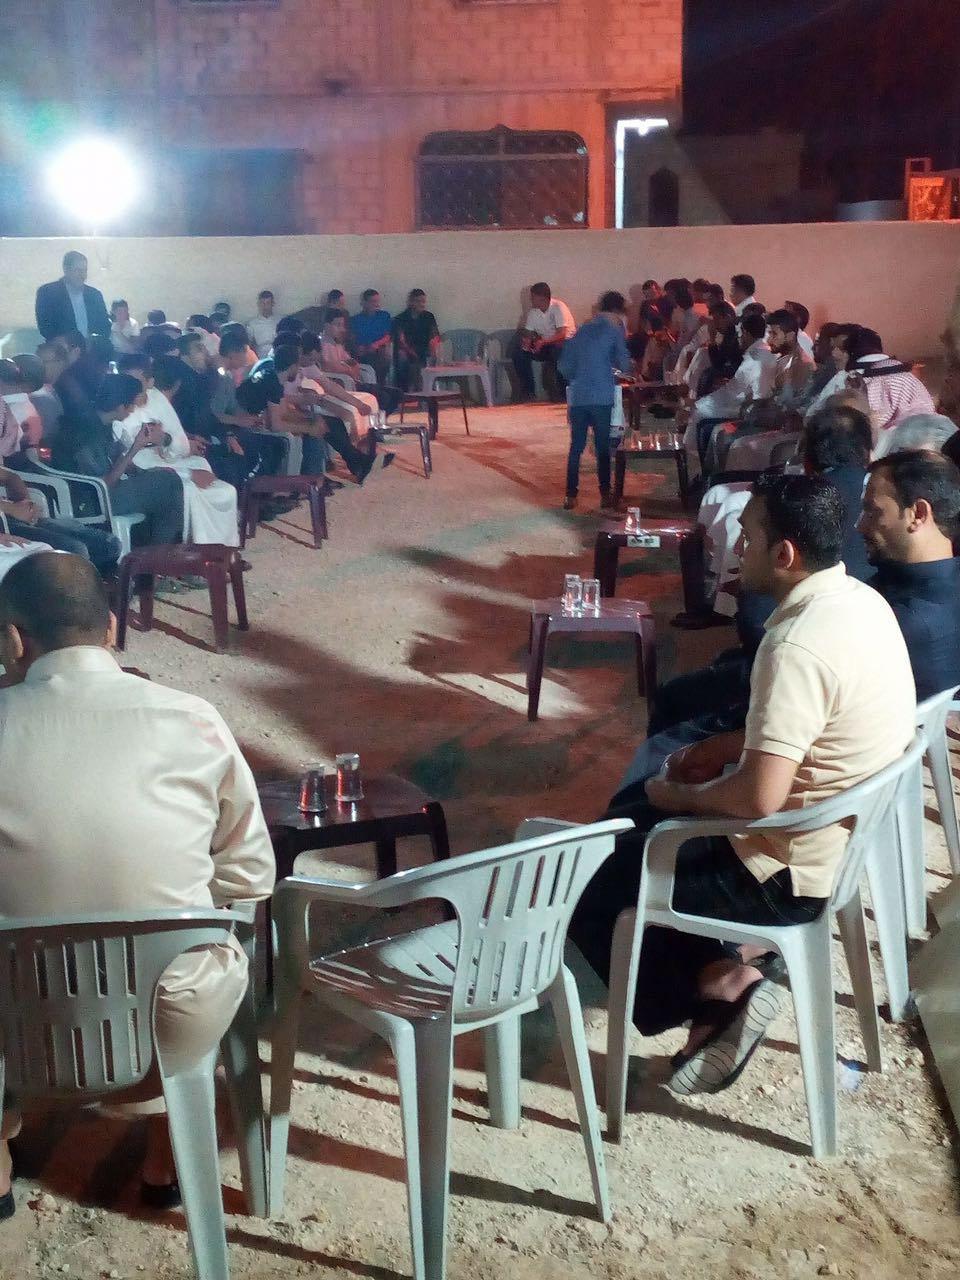 افتتاح المقر الانتخابي لكتلة الوفاق عن بلدية الزعتري والمنشية